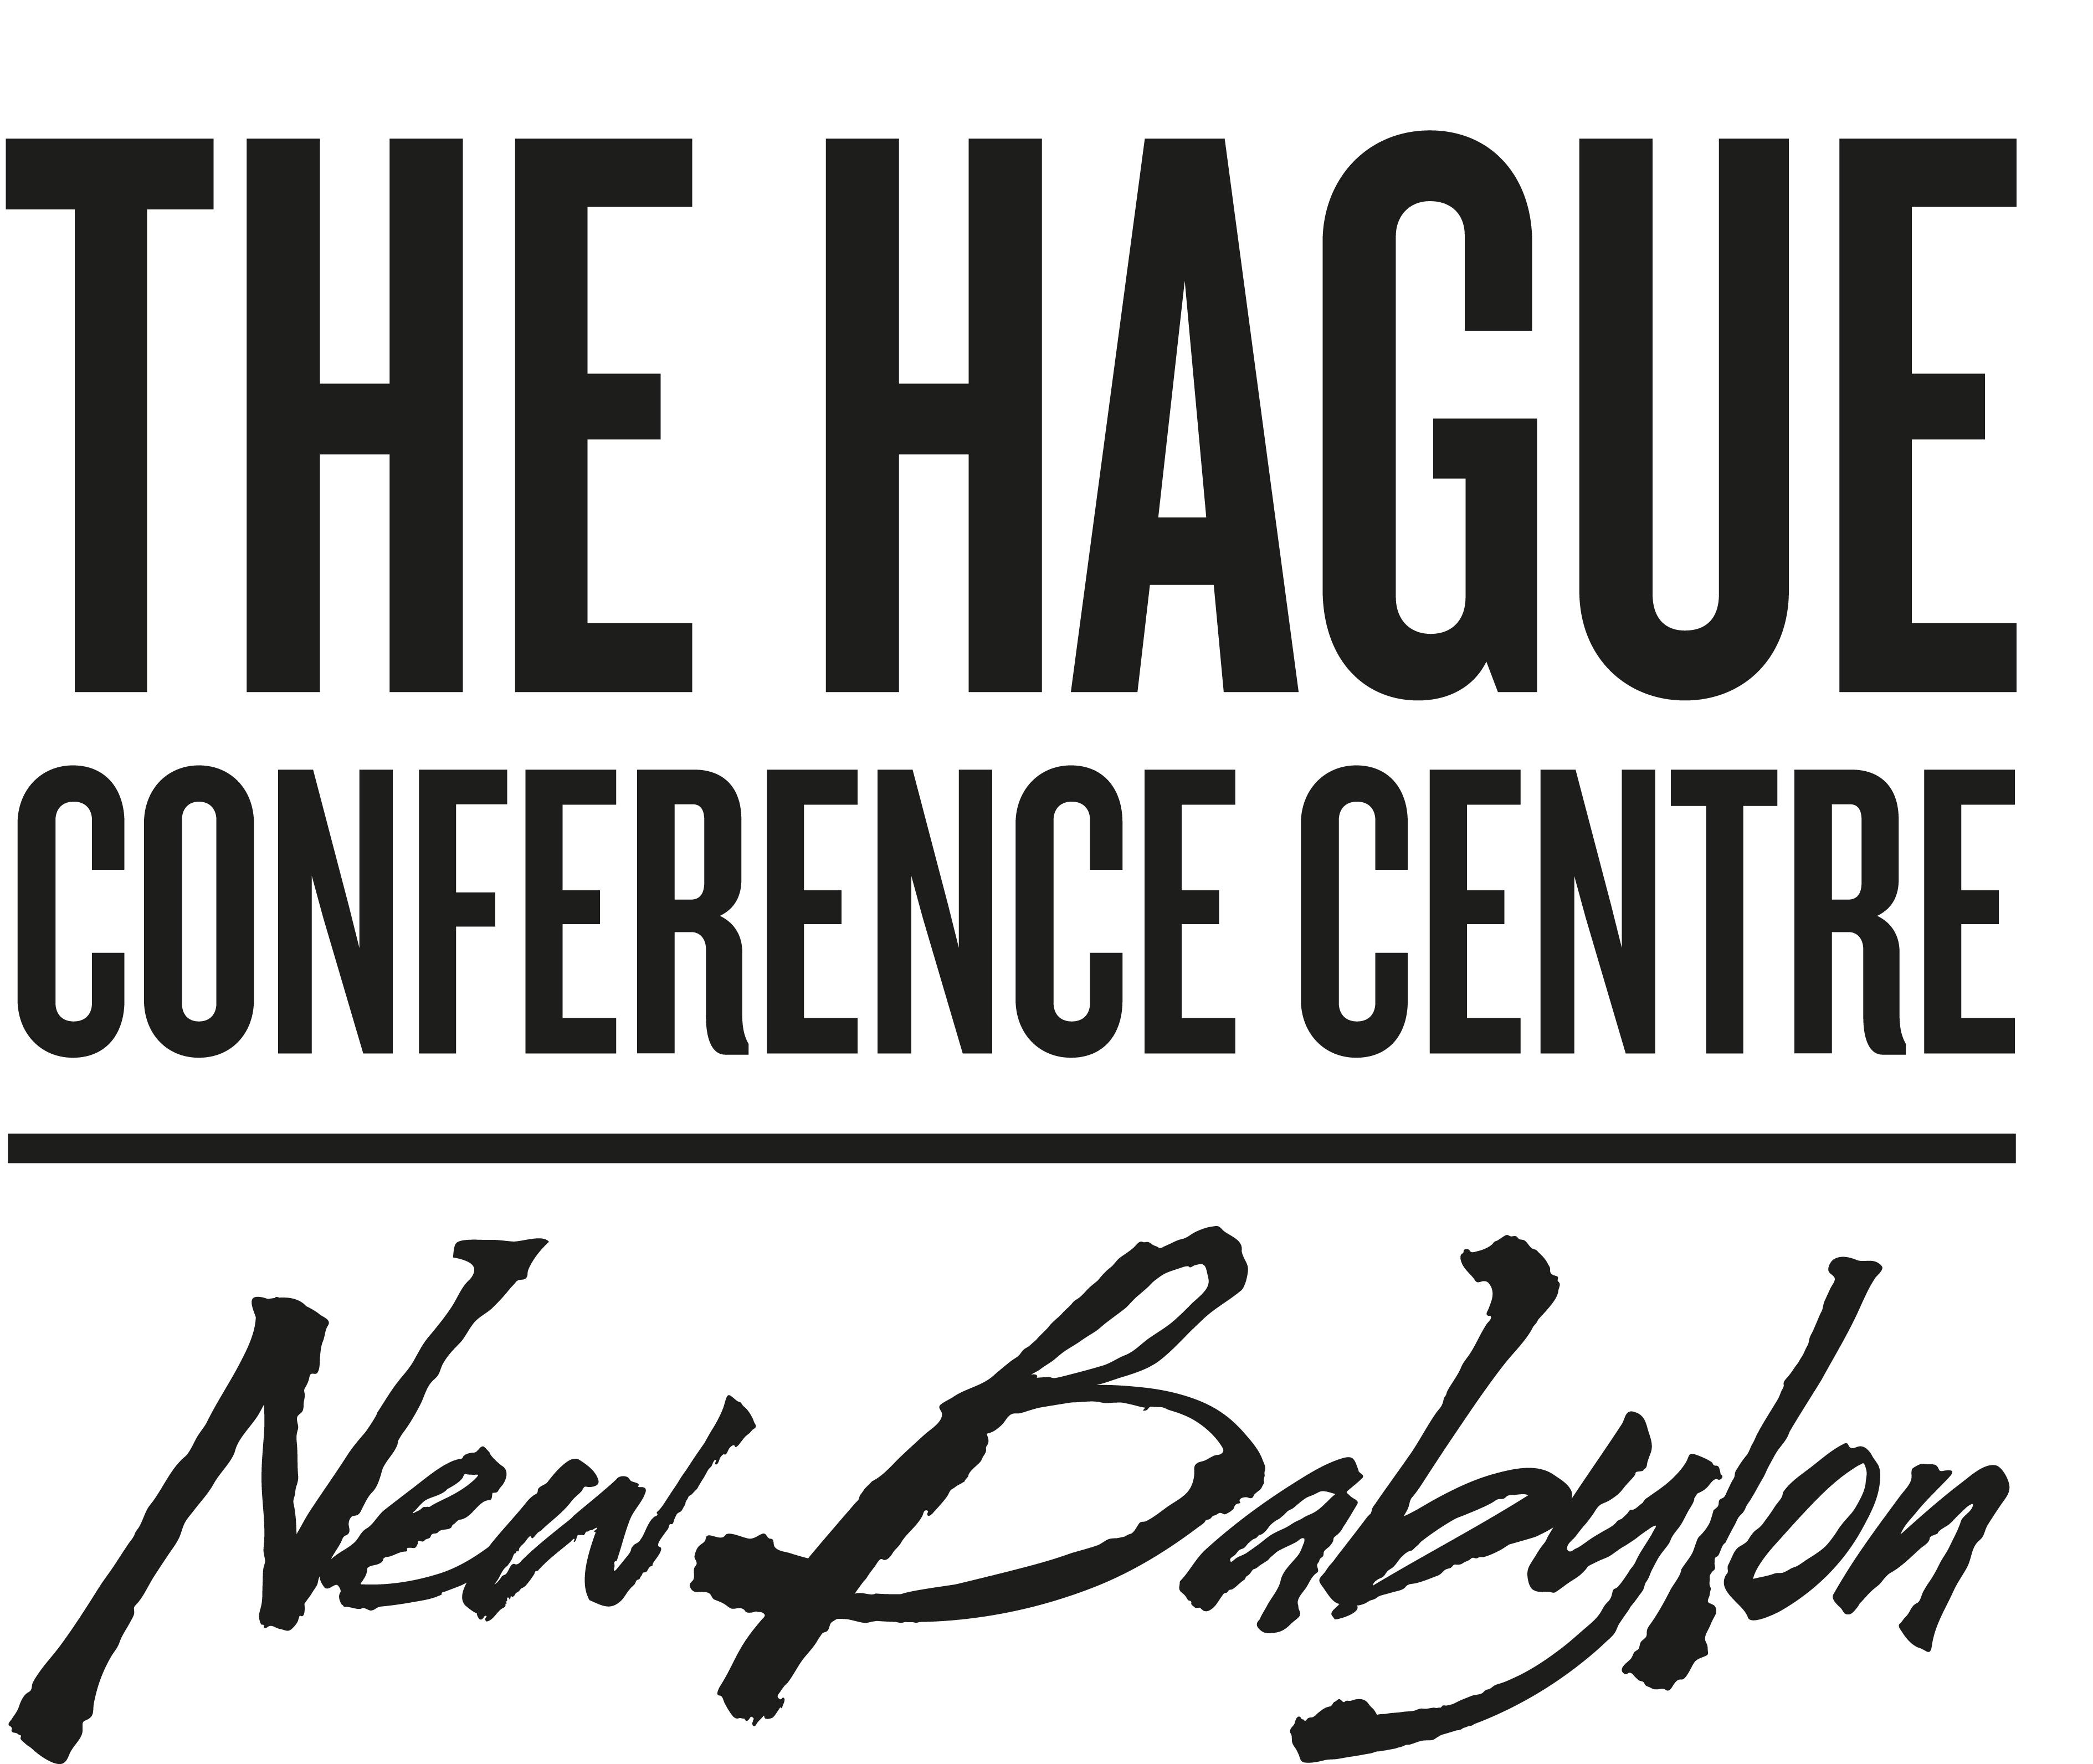 The Hague Conference Centre - Geweldige bereikbaarheid, persoonlijke betrokkenheid en state-of-the-art voorzieningen maken van iedere bijeenkomst een succes!